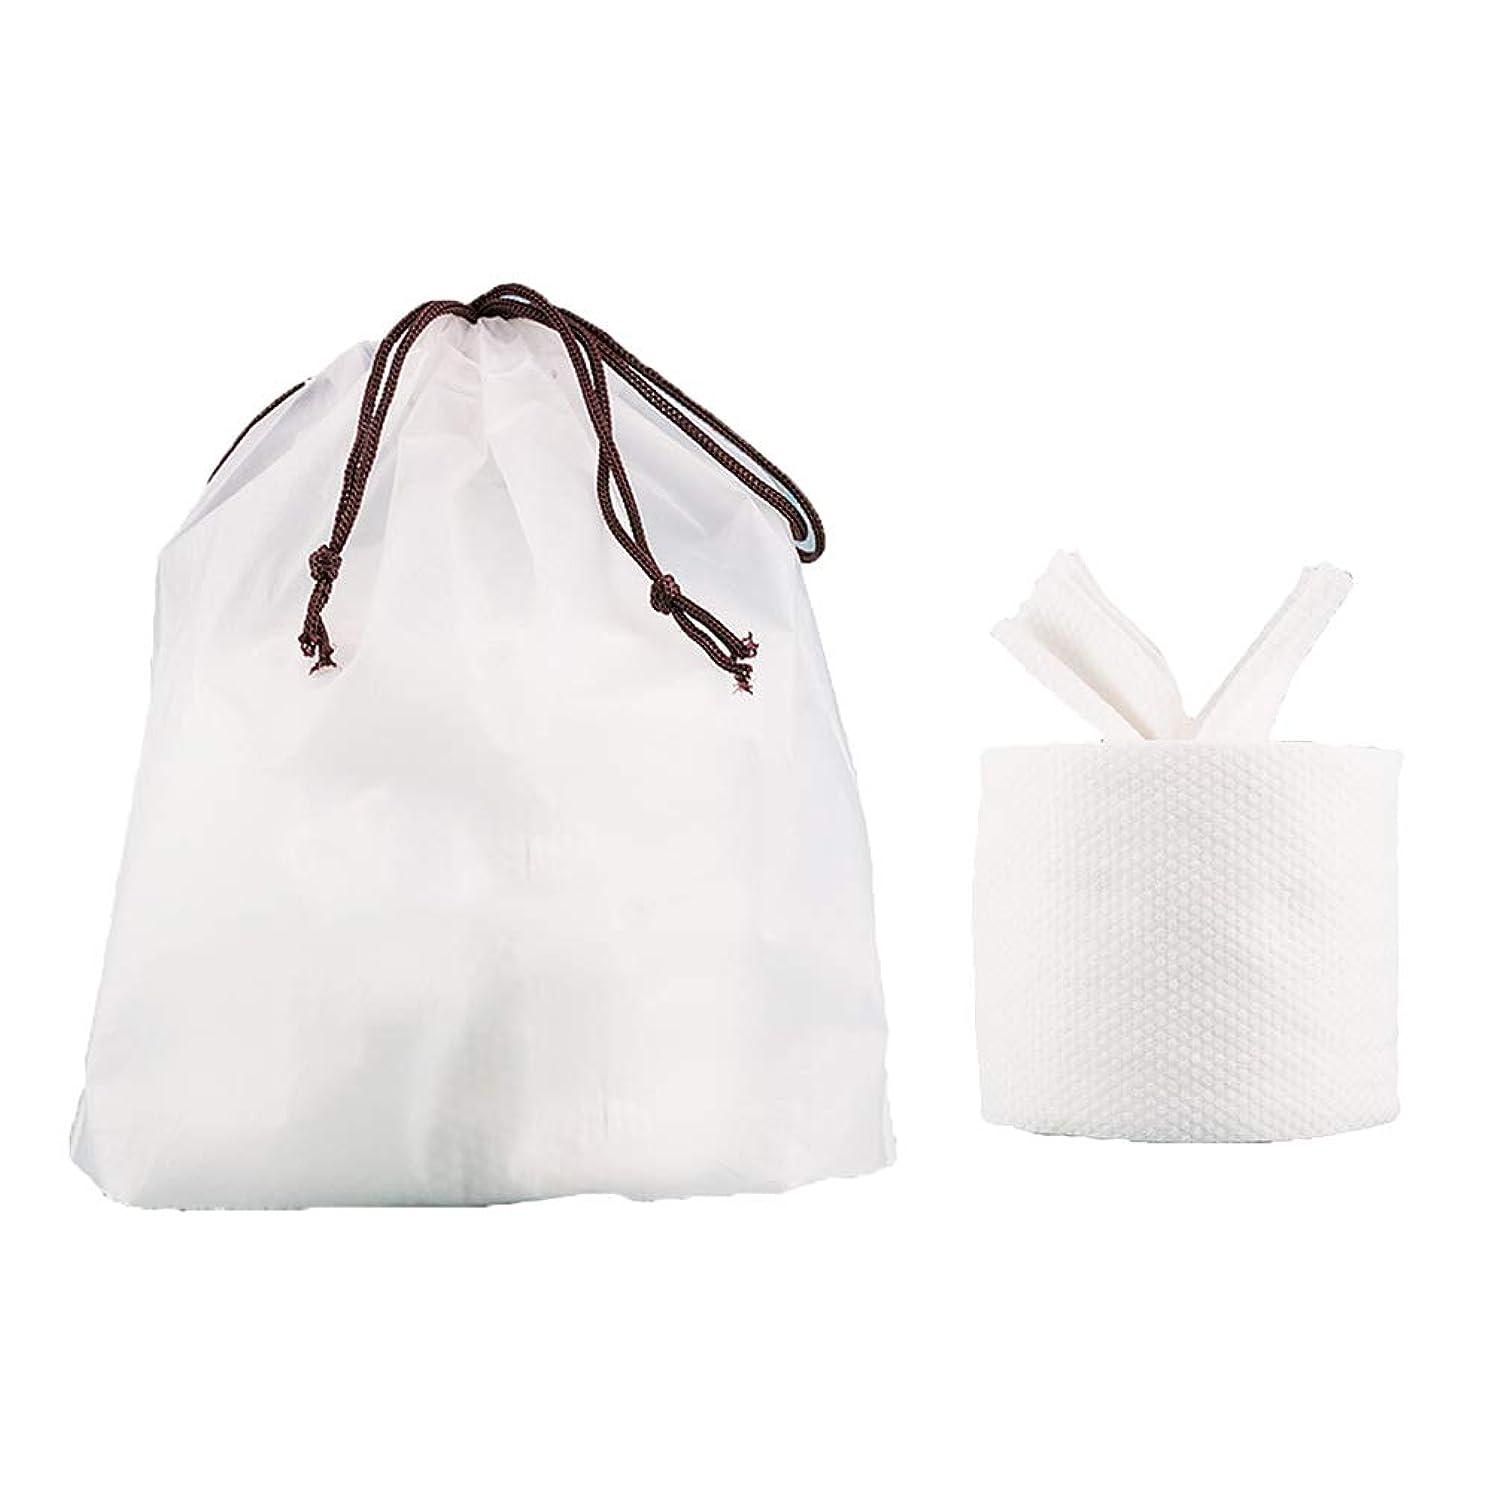 徴収若さ論争Healifty フェイシャルコットンティッシュトラベルコットンタオルクレンジングワイパーウォッシュクロストラベルポータブルワイプ女性用(1ロールフェイスタオル+ 1個収納バッグ)